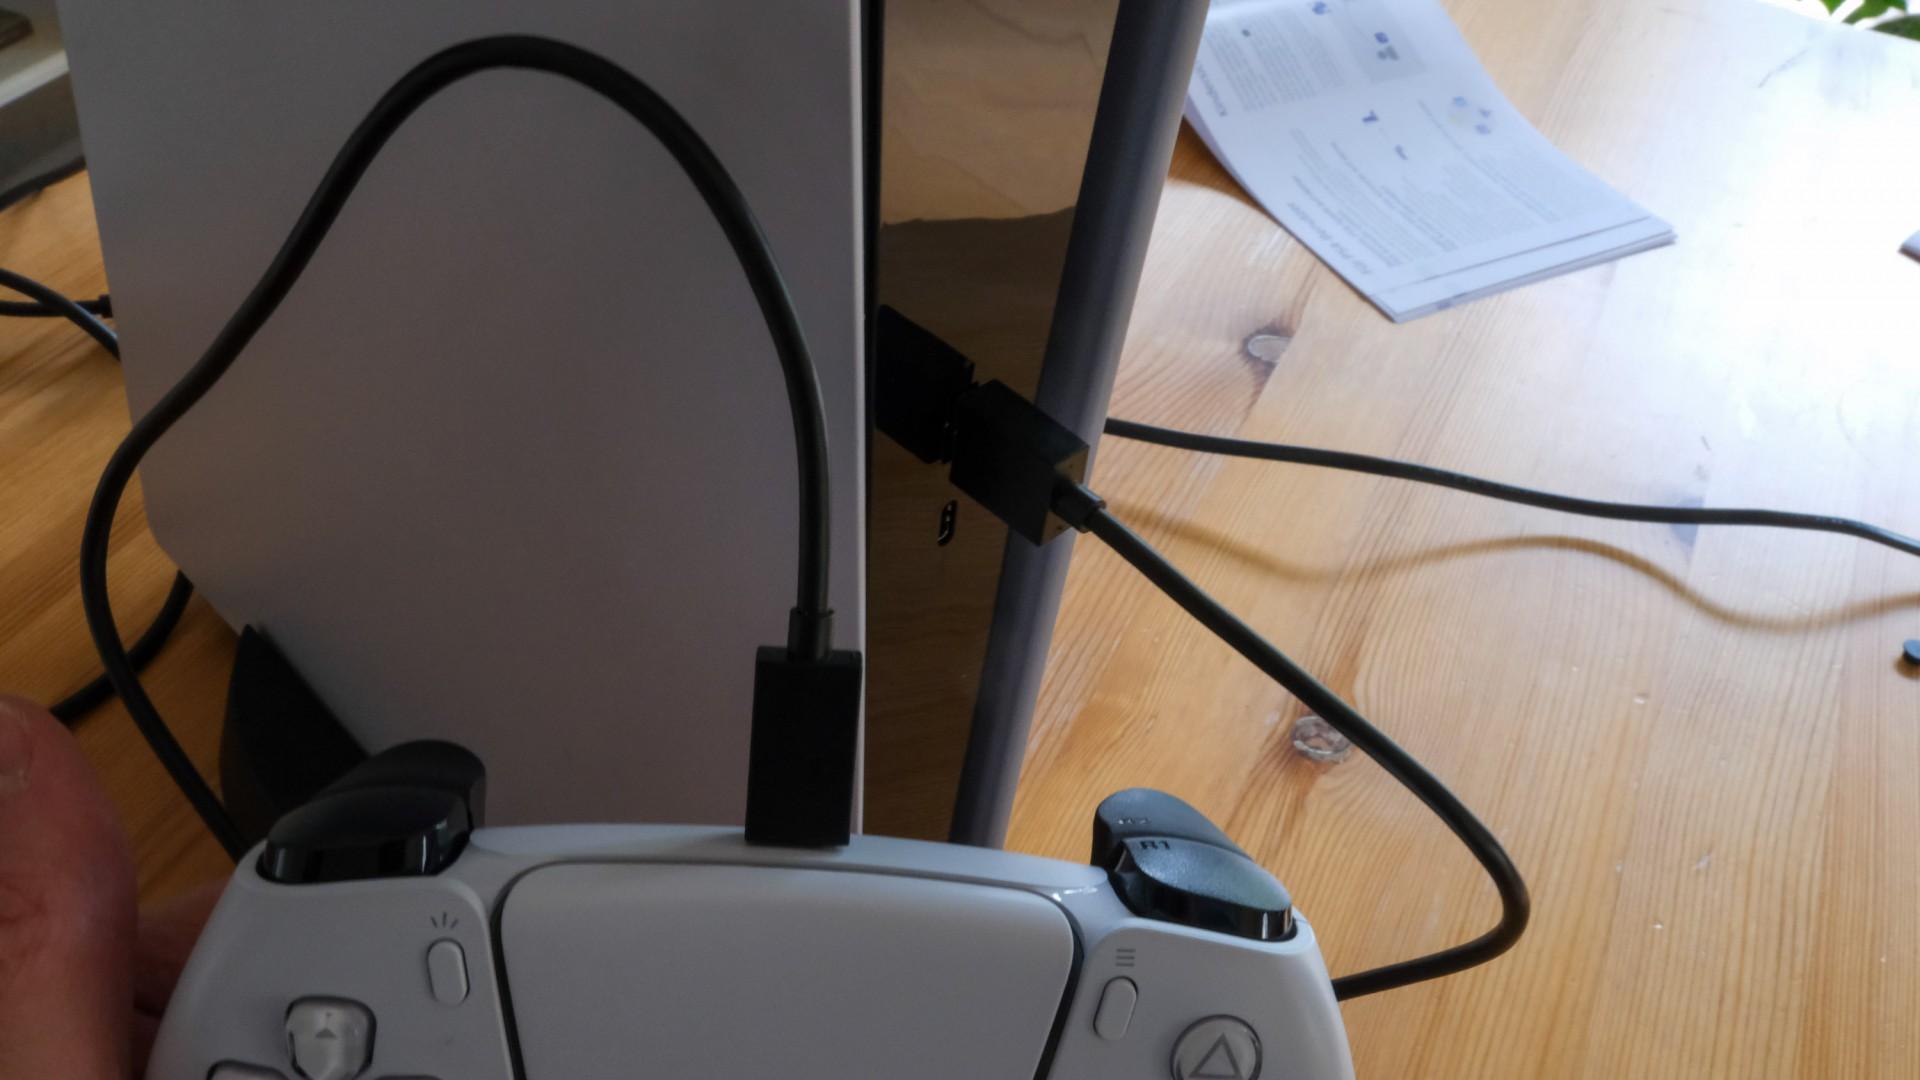 Next-Gen: Klingeling, jetzt ist auch die Playstation 5 da - Das Gamepad stellt wie schon bei der PS4 per Kabel den Erstkontakt zur Konsole her. (Bild: Golem.de/Peter Steinlechner)